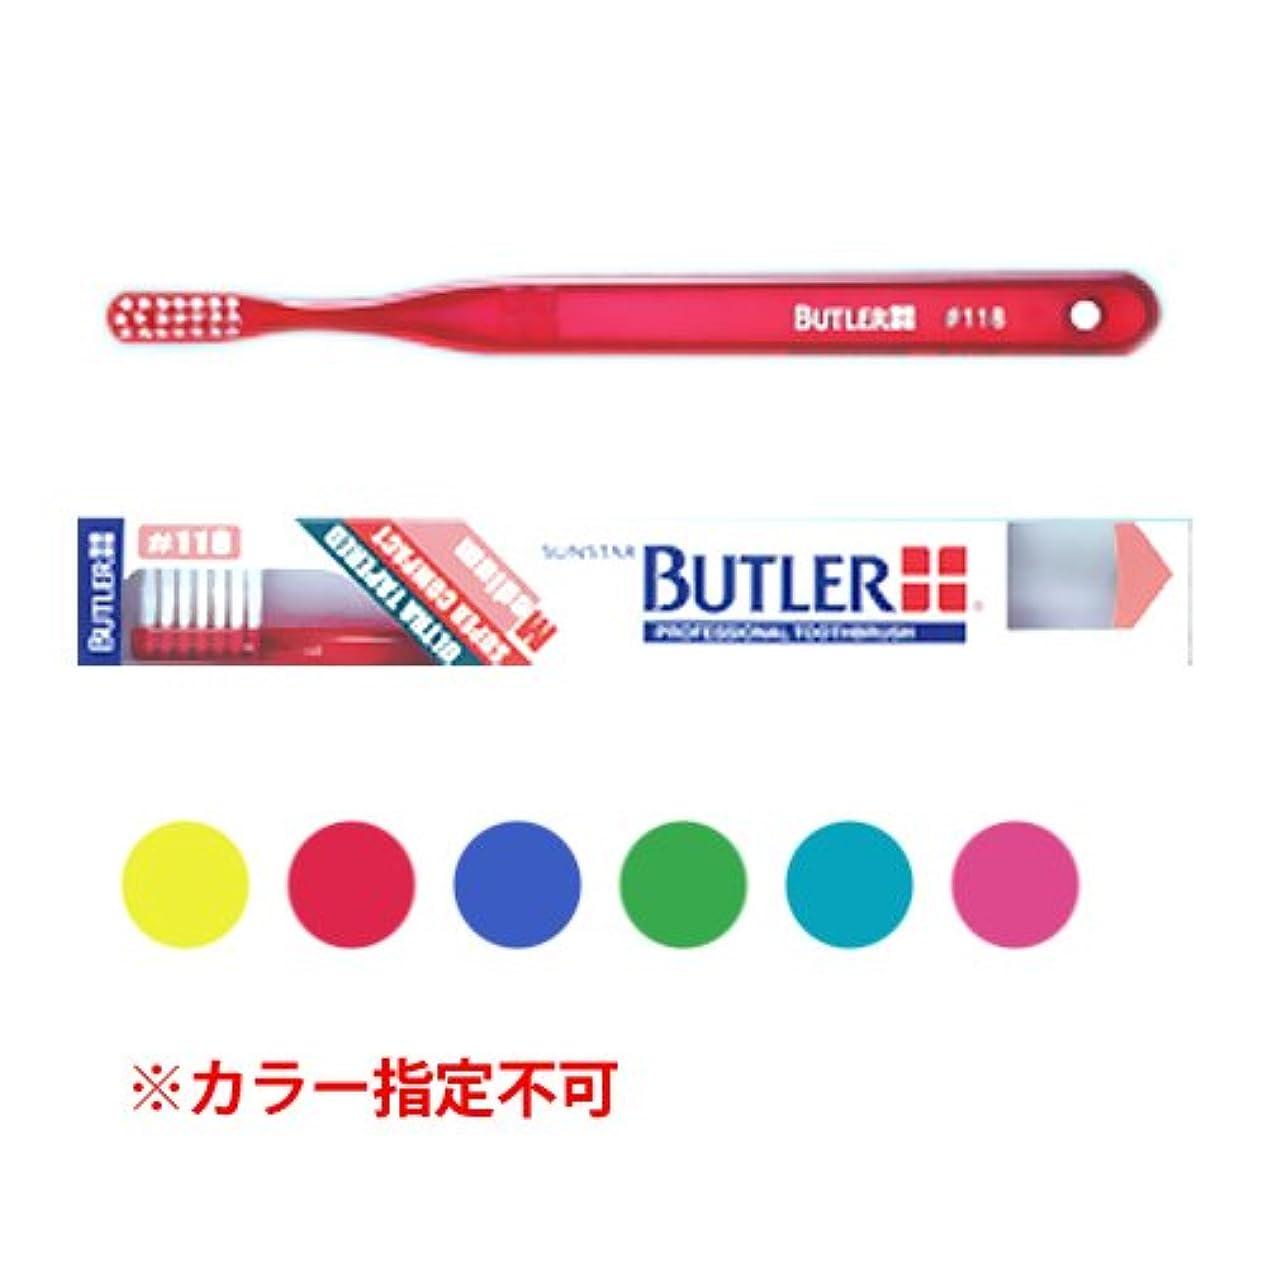 またはどちらか毛布遠征バトラー 歯ブラシ 1本 #118